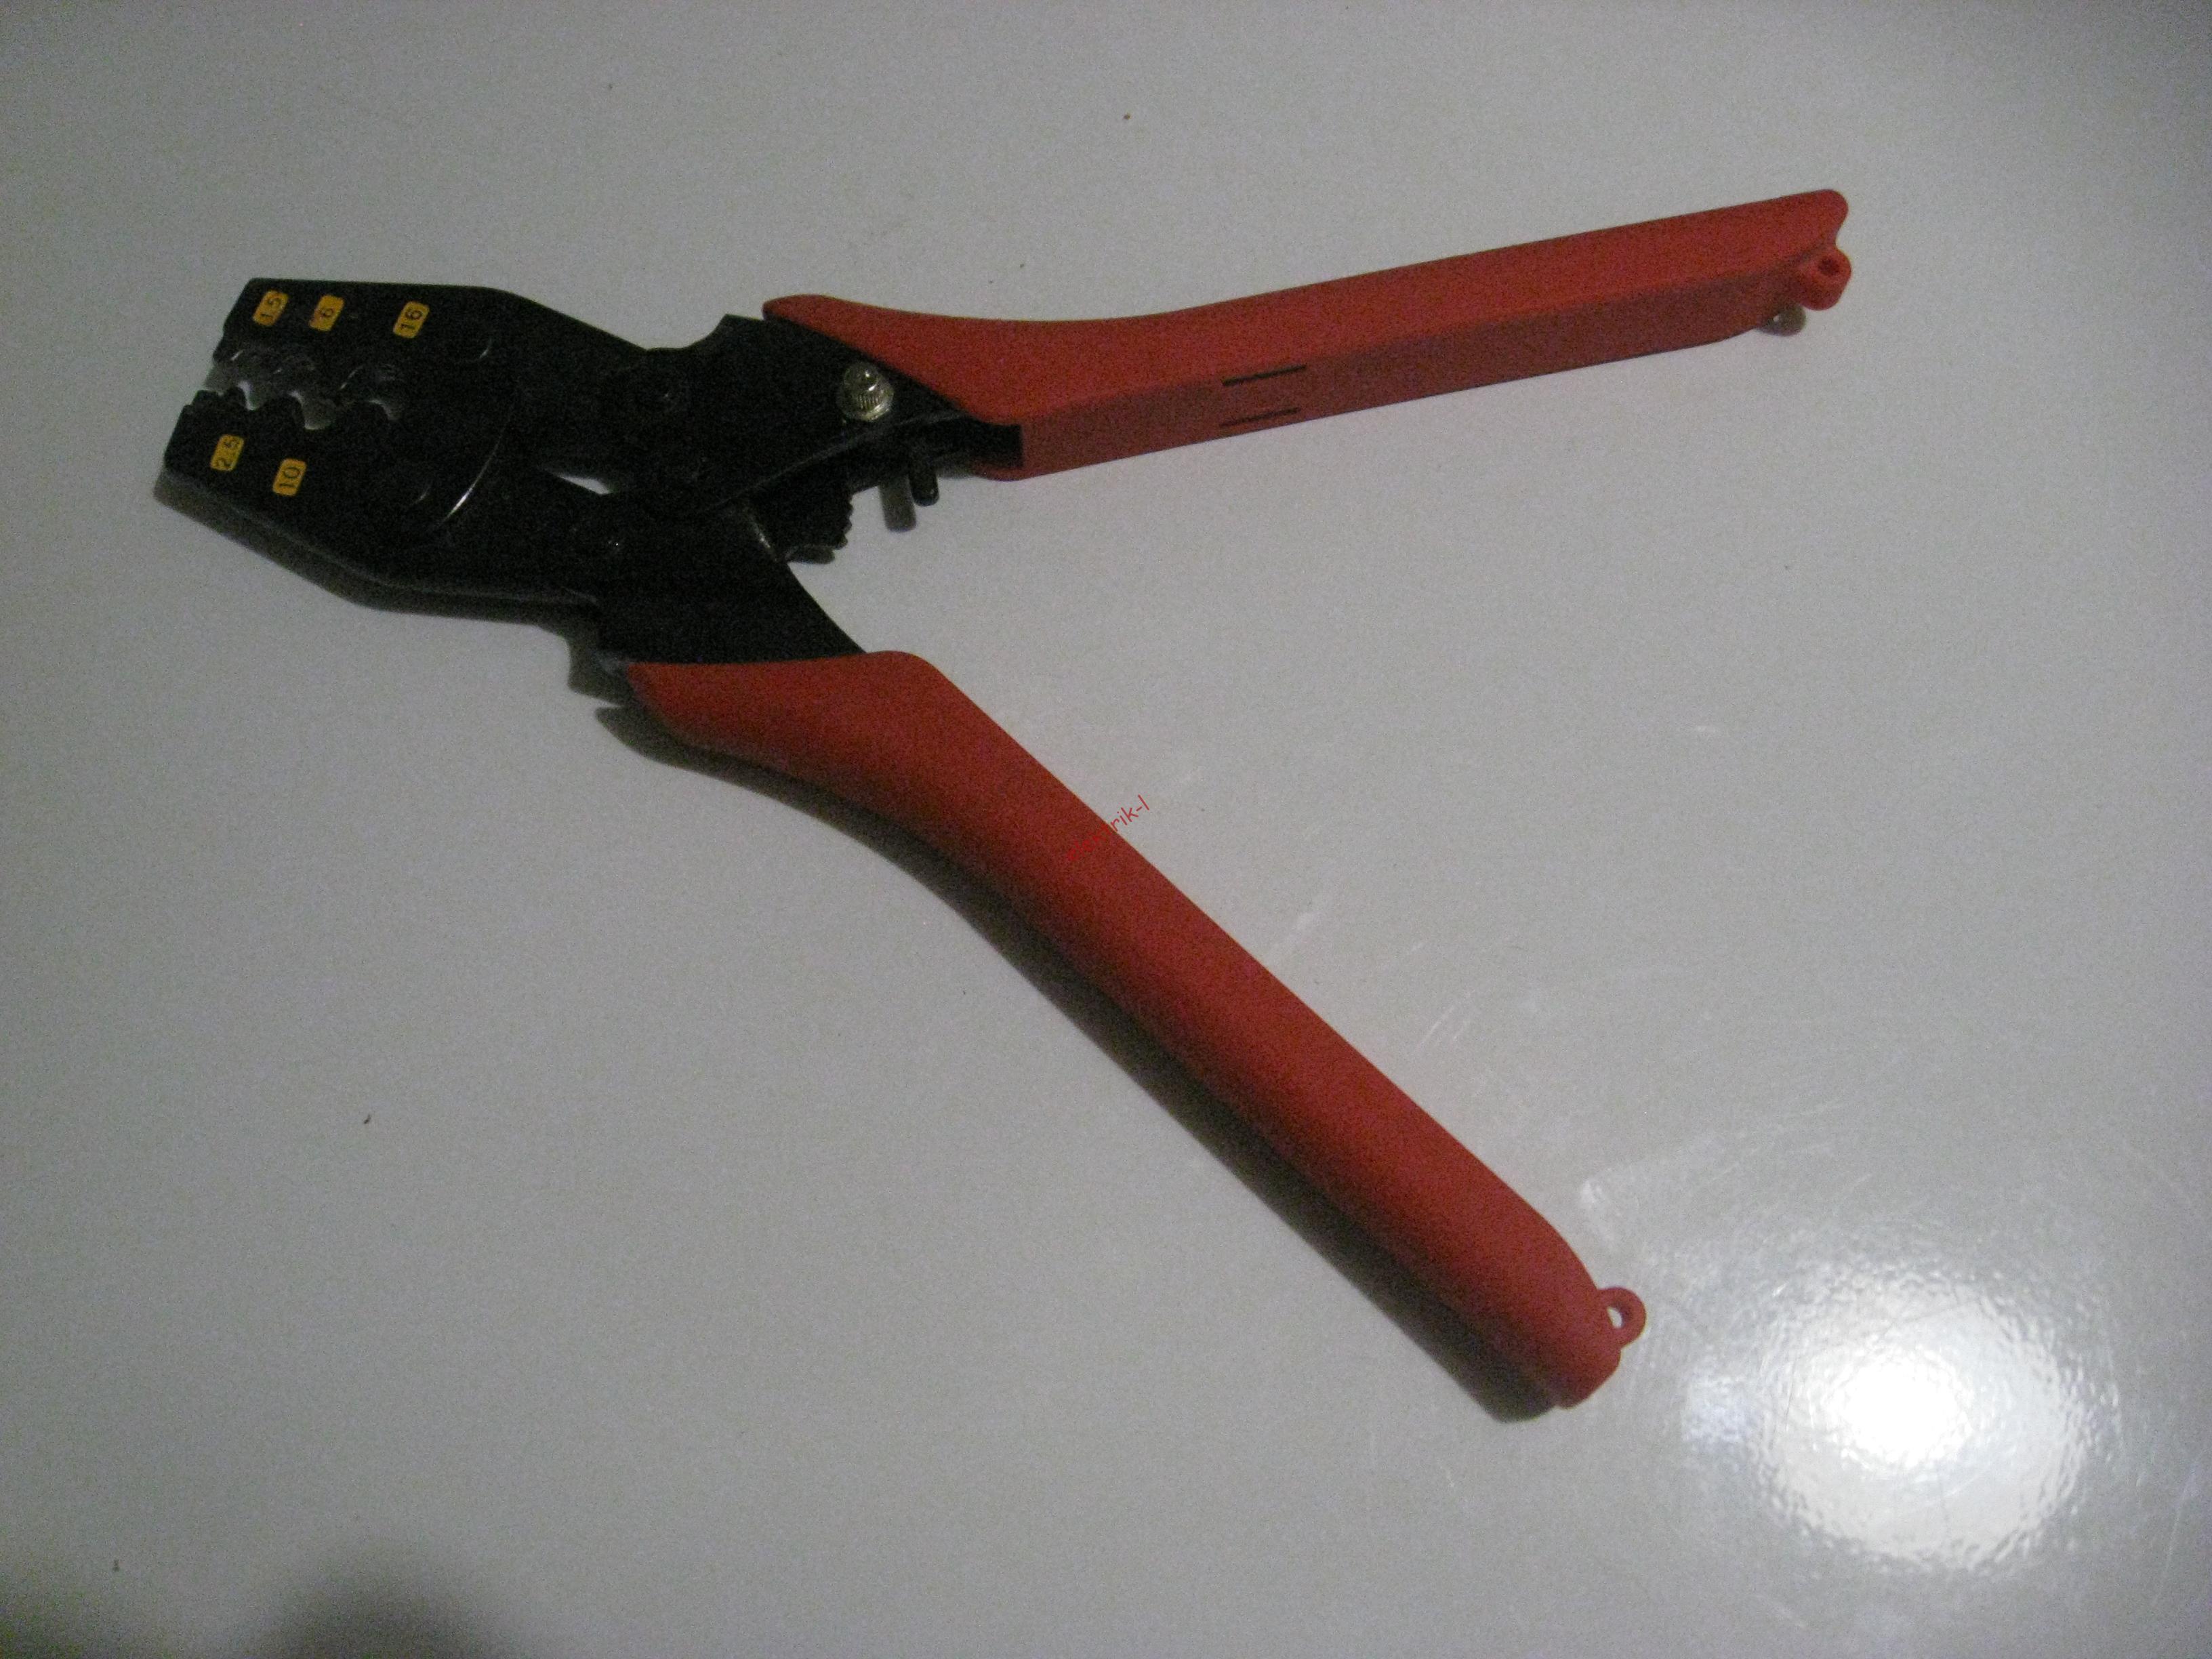 Пресс-клещи ПК-16у для обжима неизолированных наконечников ТМЛ и гильз ГМЛ